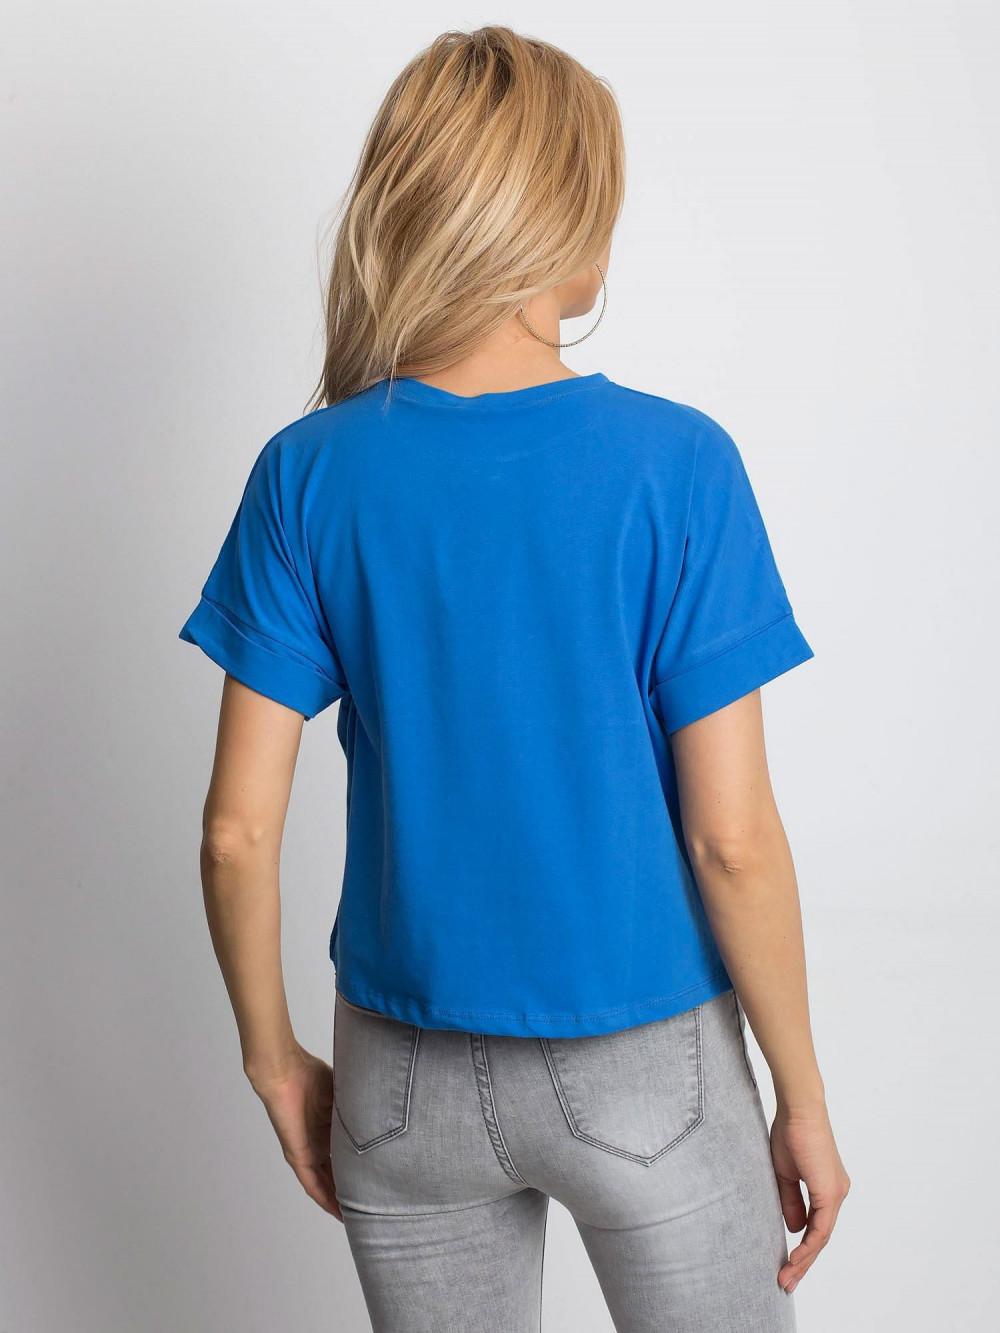 Ciemnoniebieski luźny t-shirt Blink 4